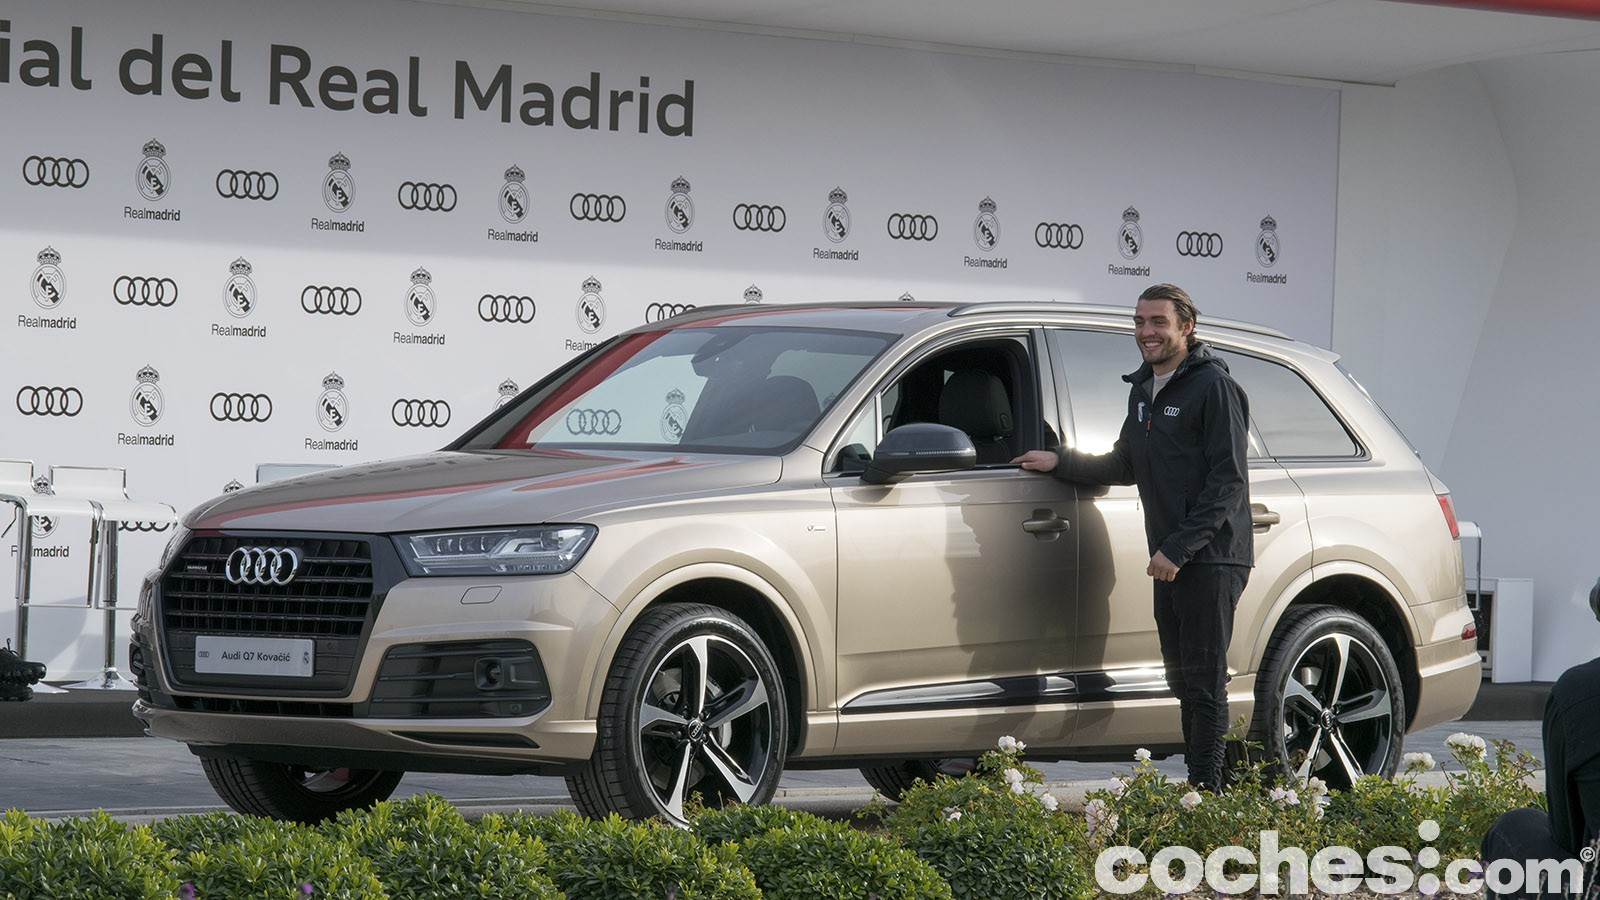 Los jugadores del Real Madrid ya tienen sus Audi para esta temporada